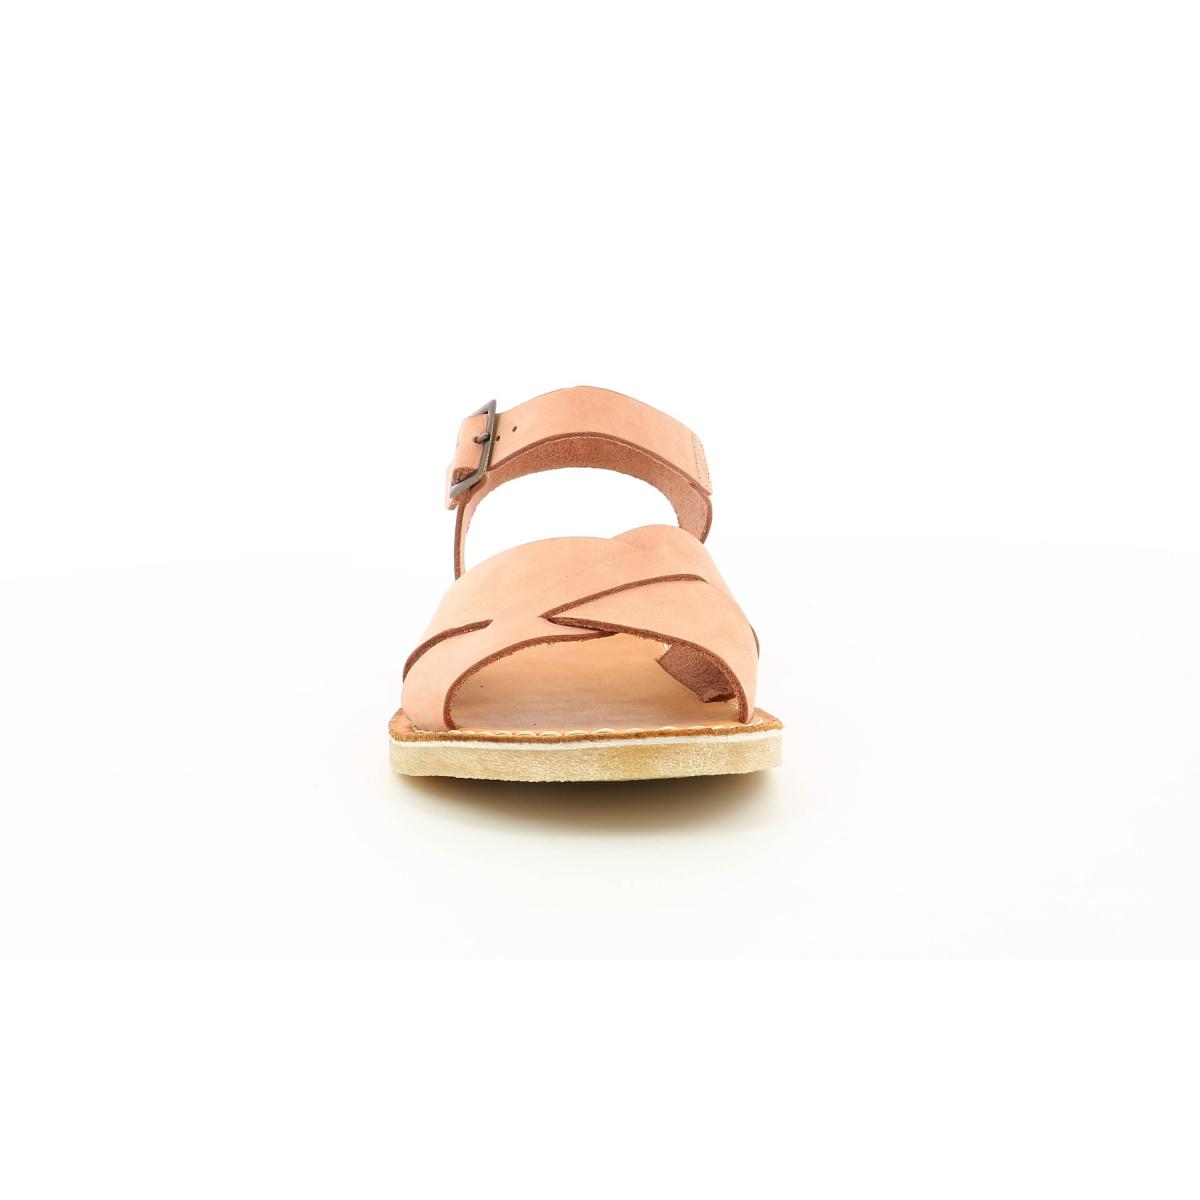 Zapatos Mujer Kickers Tilly Rosa Claro On08wPk